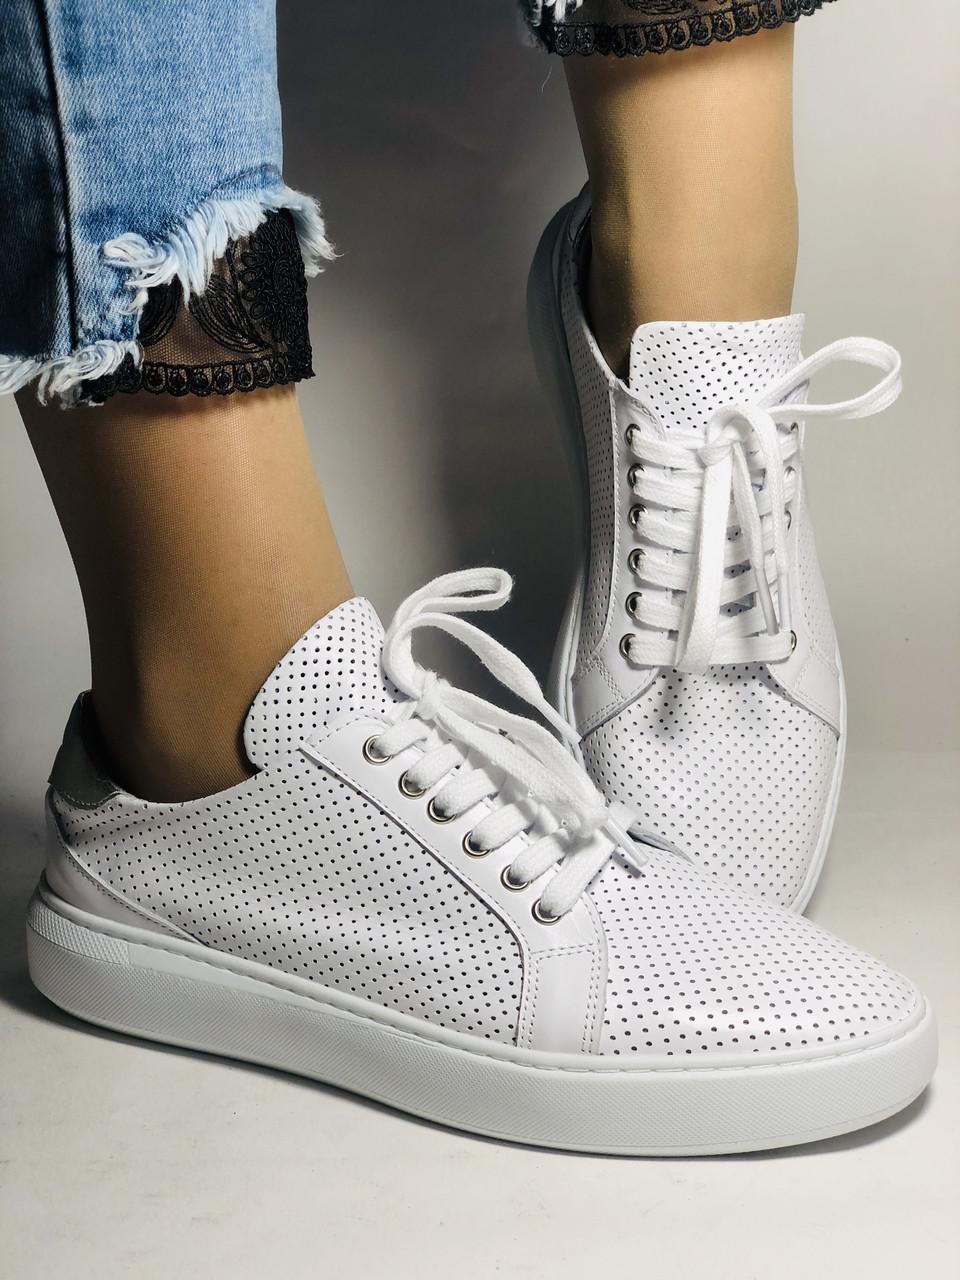 Стильные женские кеды-кроссовки на платформе.Турция. Натуральная кожа. Высокое качество 36.38.39.40  Vellena